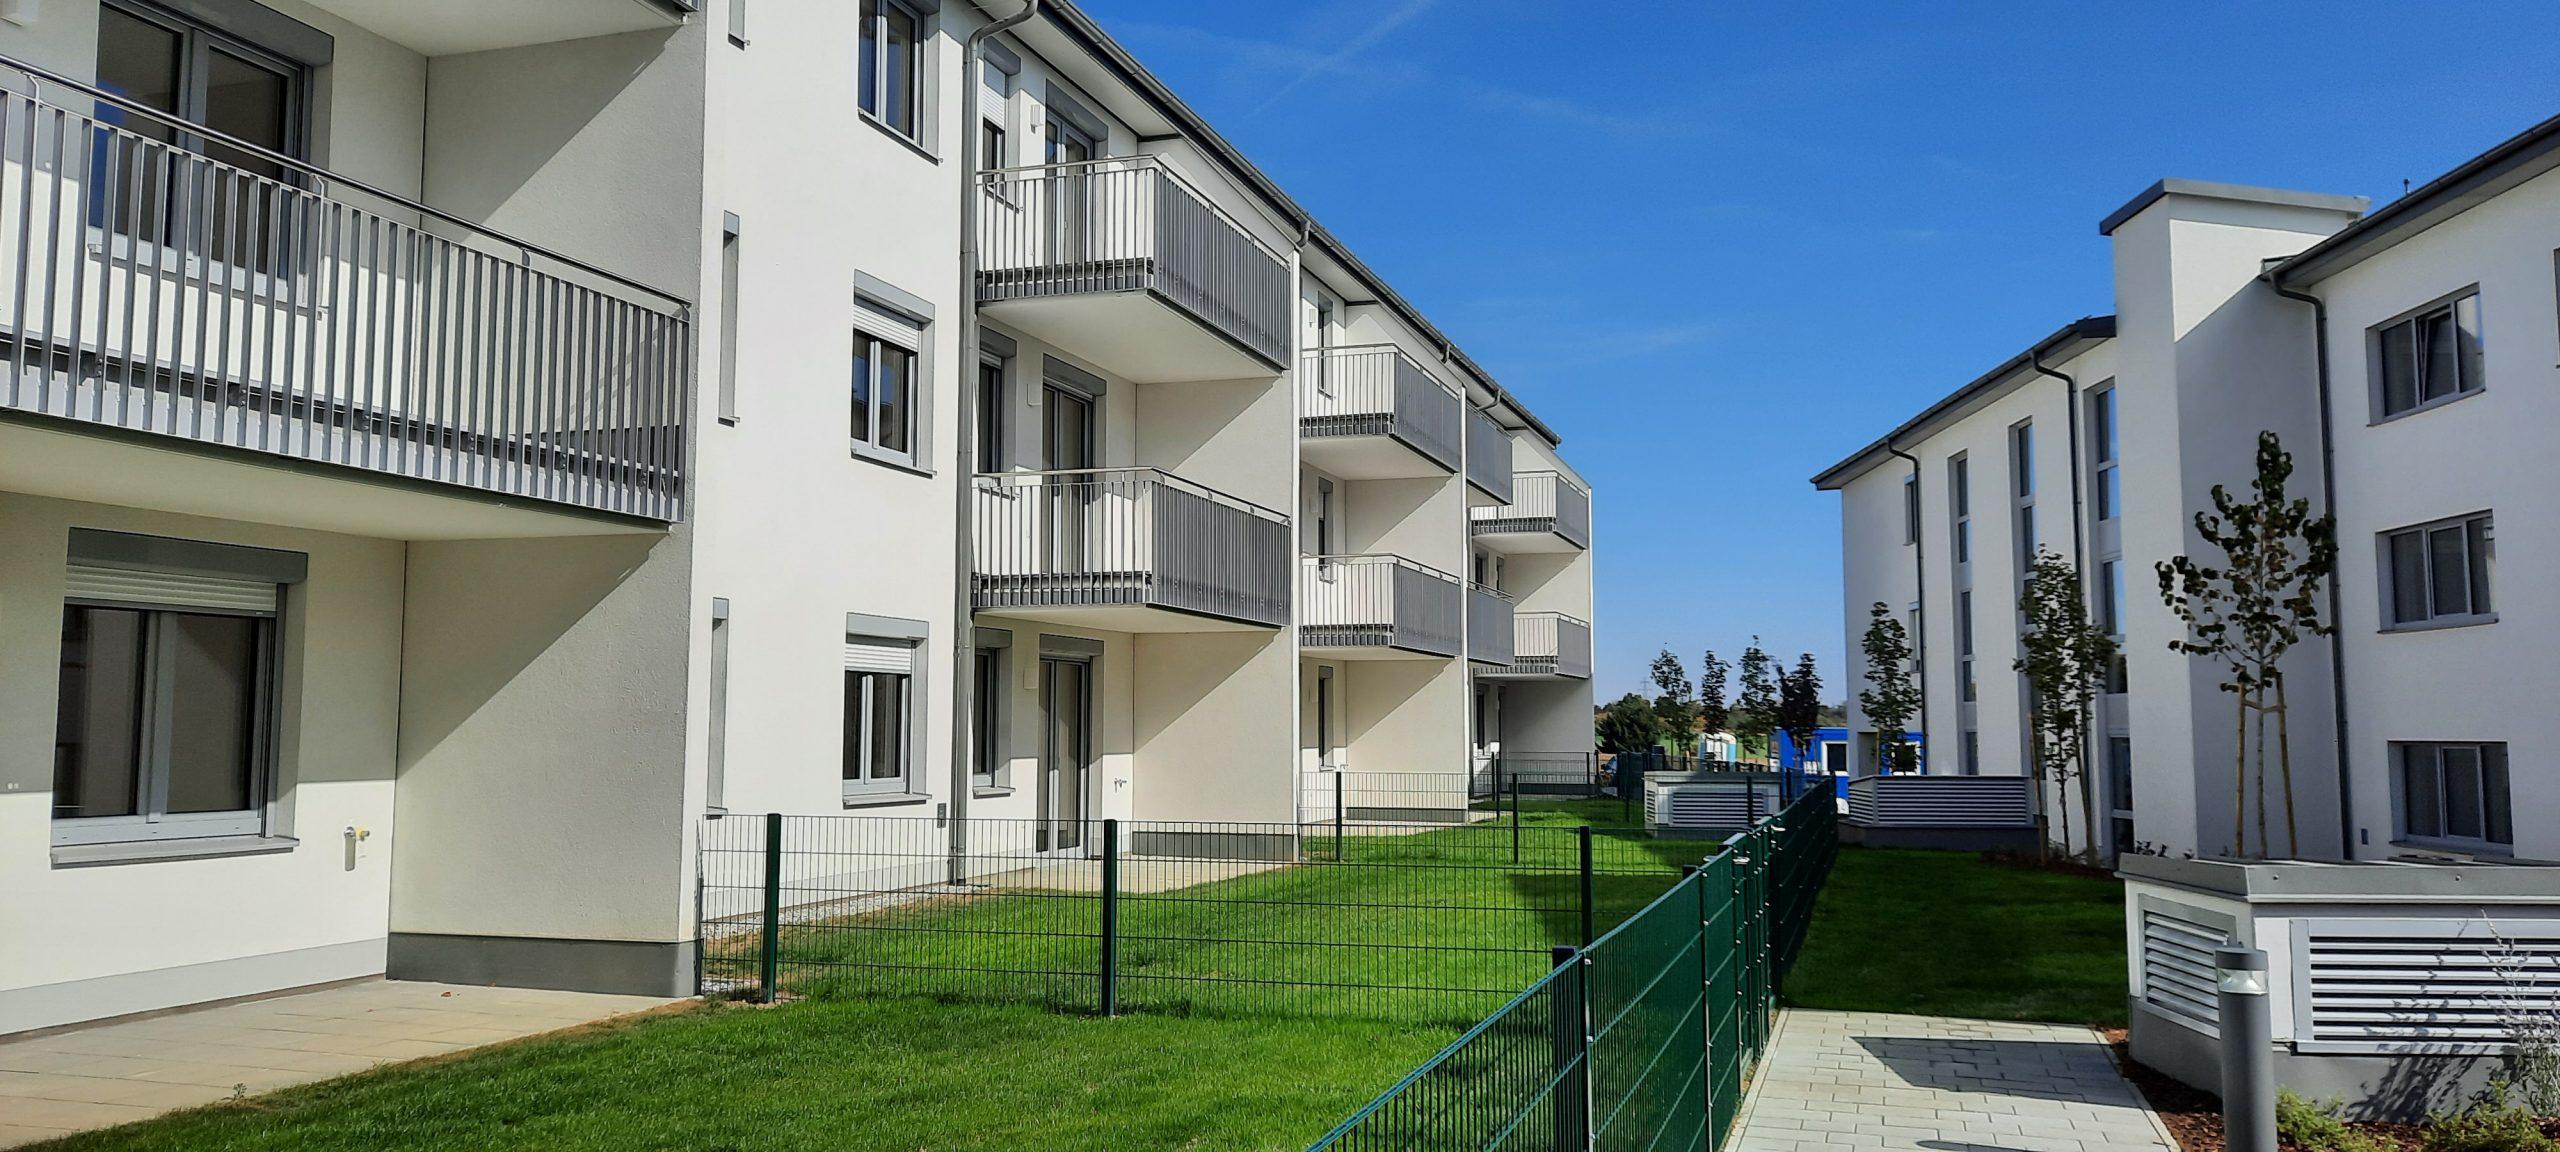 Immobilie von Kamptal in 3542 Gföhl, Krems(Land), Gföhl V/3 - Top 514 #7